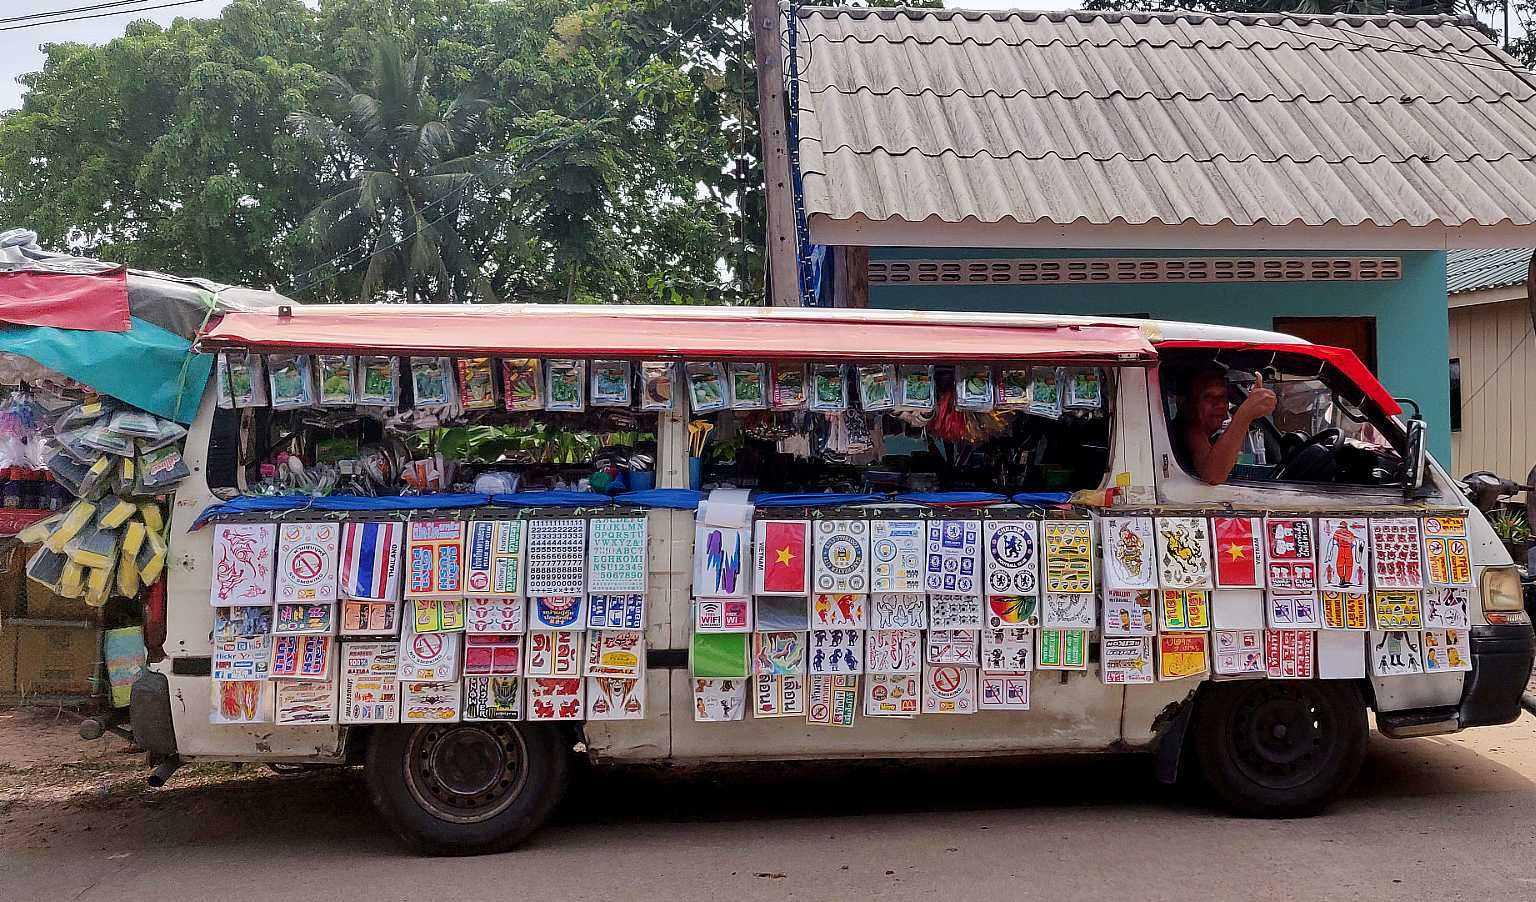 The ten baht Bus full of stuff for 10 baht